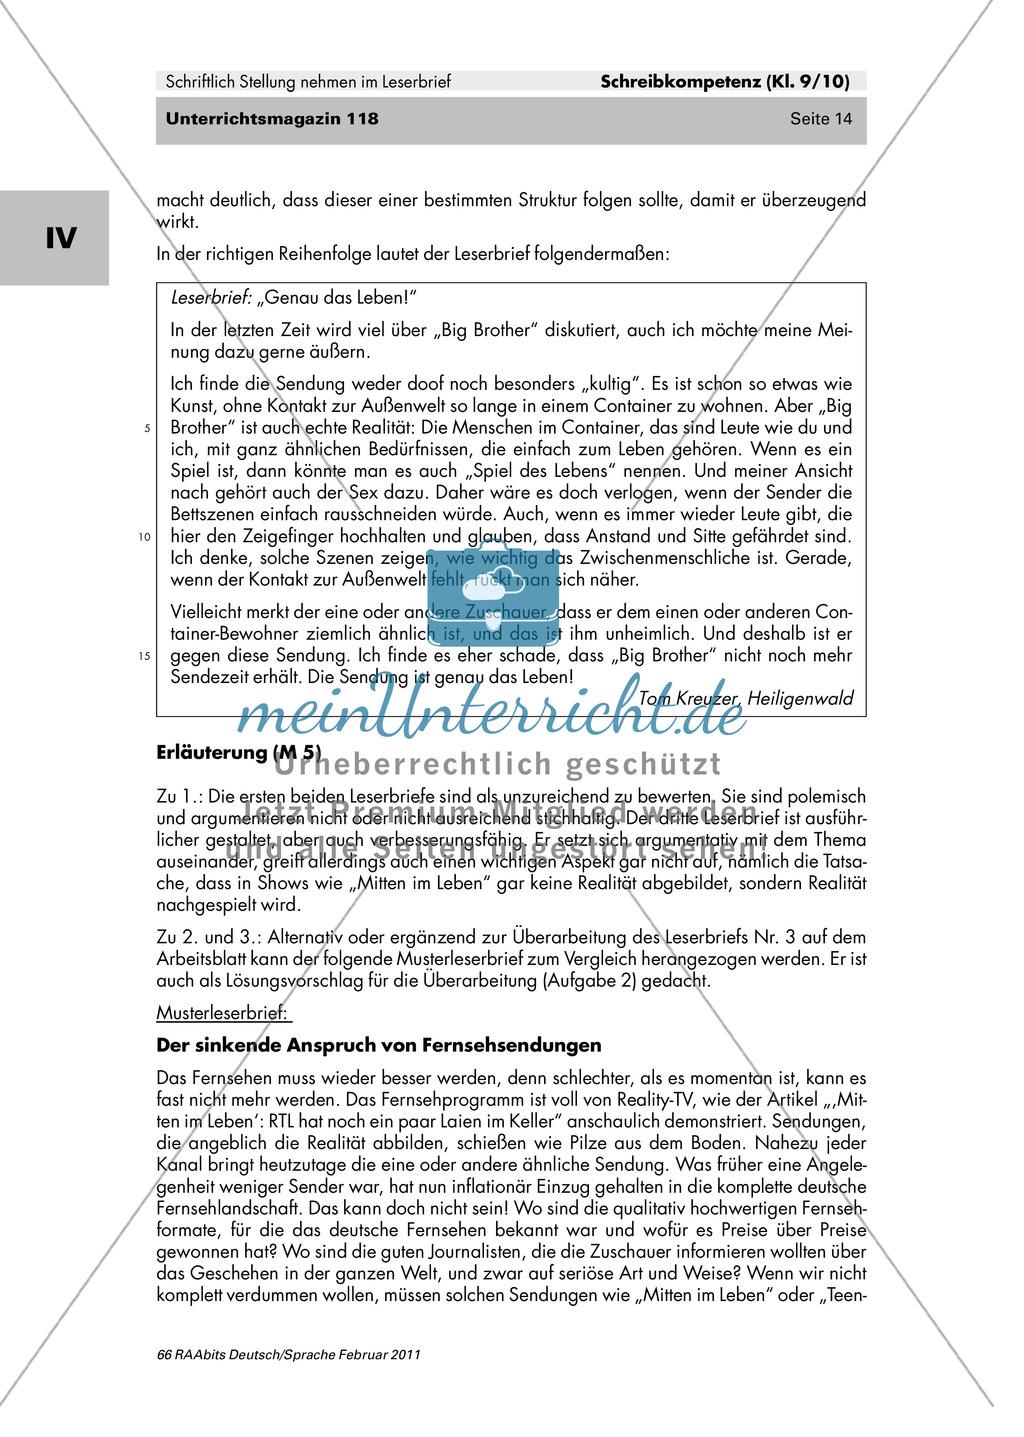 Der Leserbrief als schriftliche Stellungnahme: Merkmale kennen lernen, Fehler finden, Produktion eines eigenen Leserbriefes Preview 8